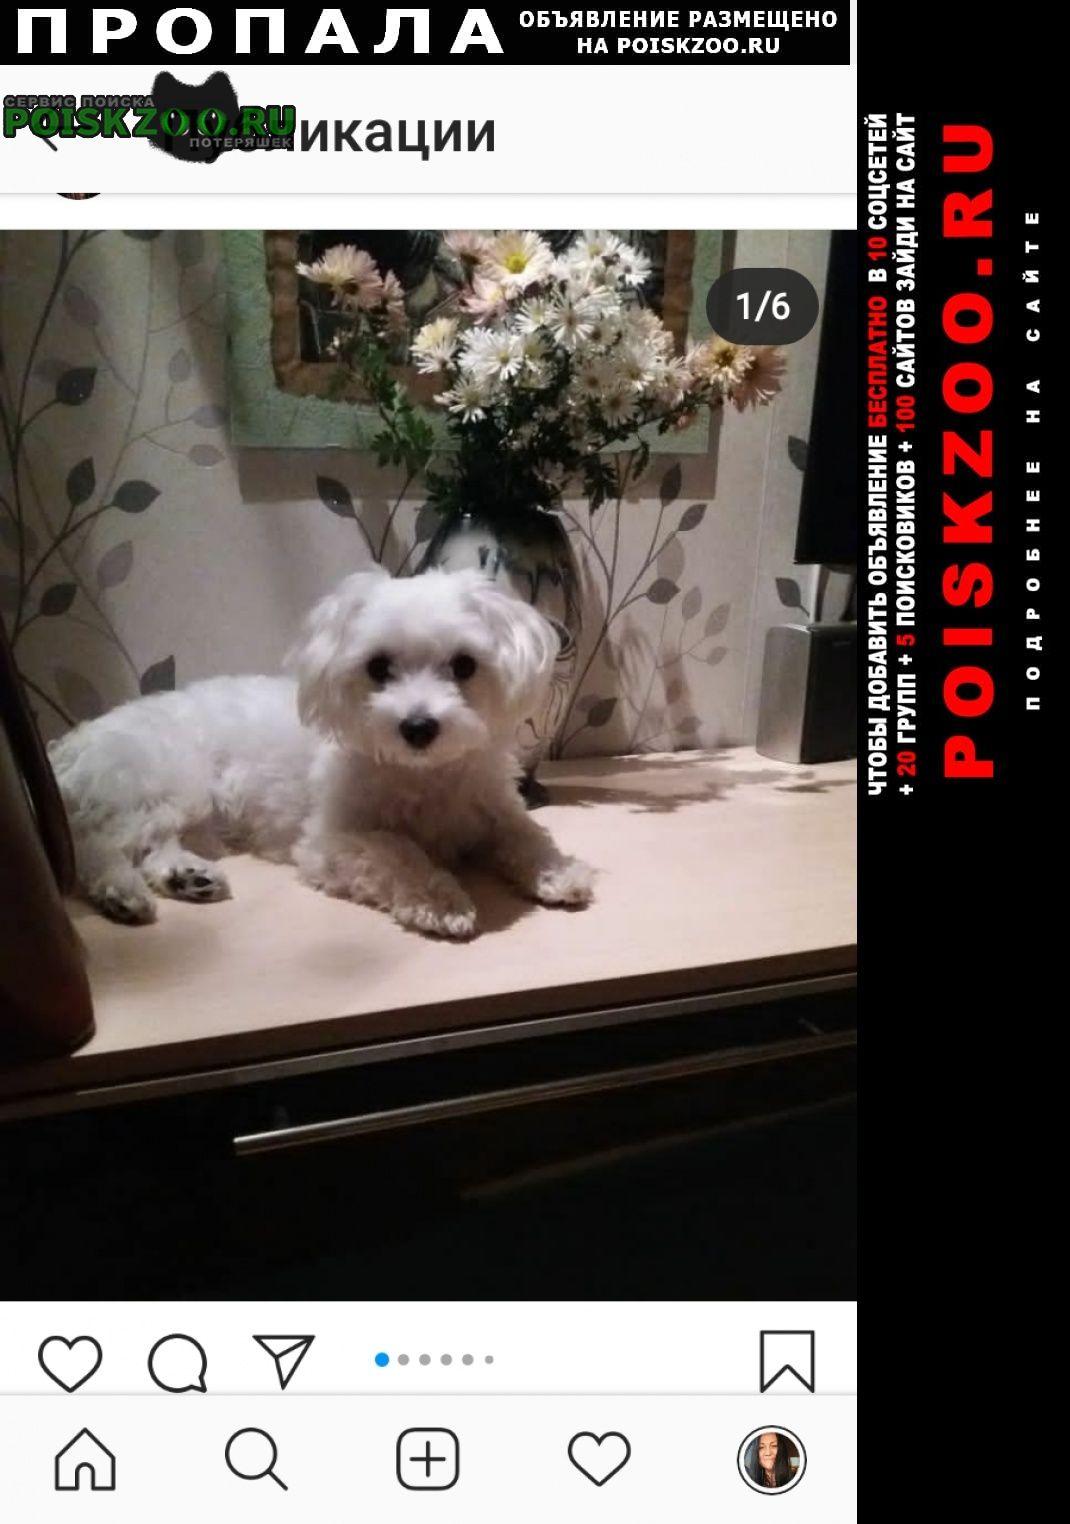 Волгоград Пропала собака мальтийская балонка